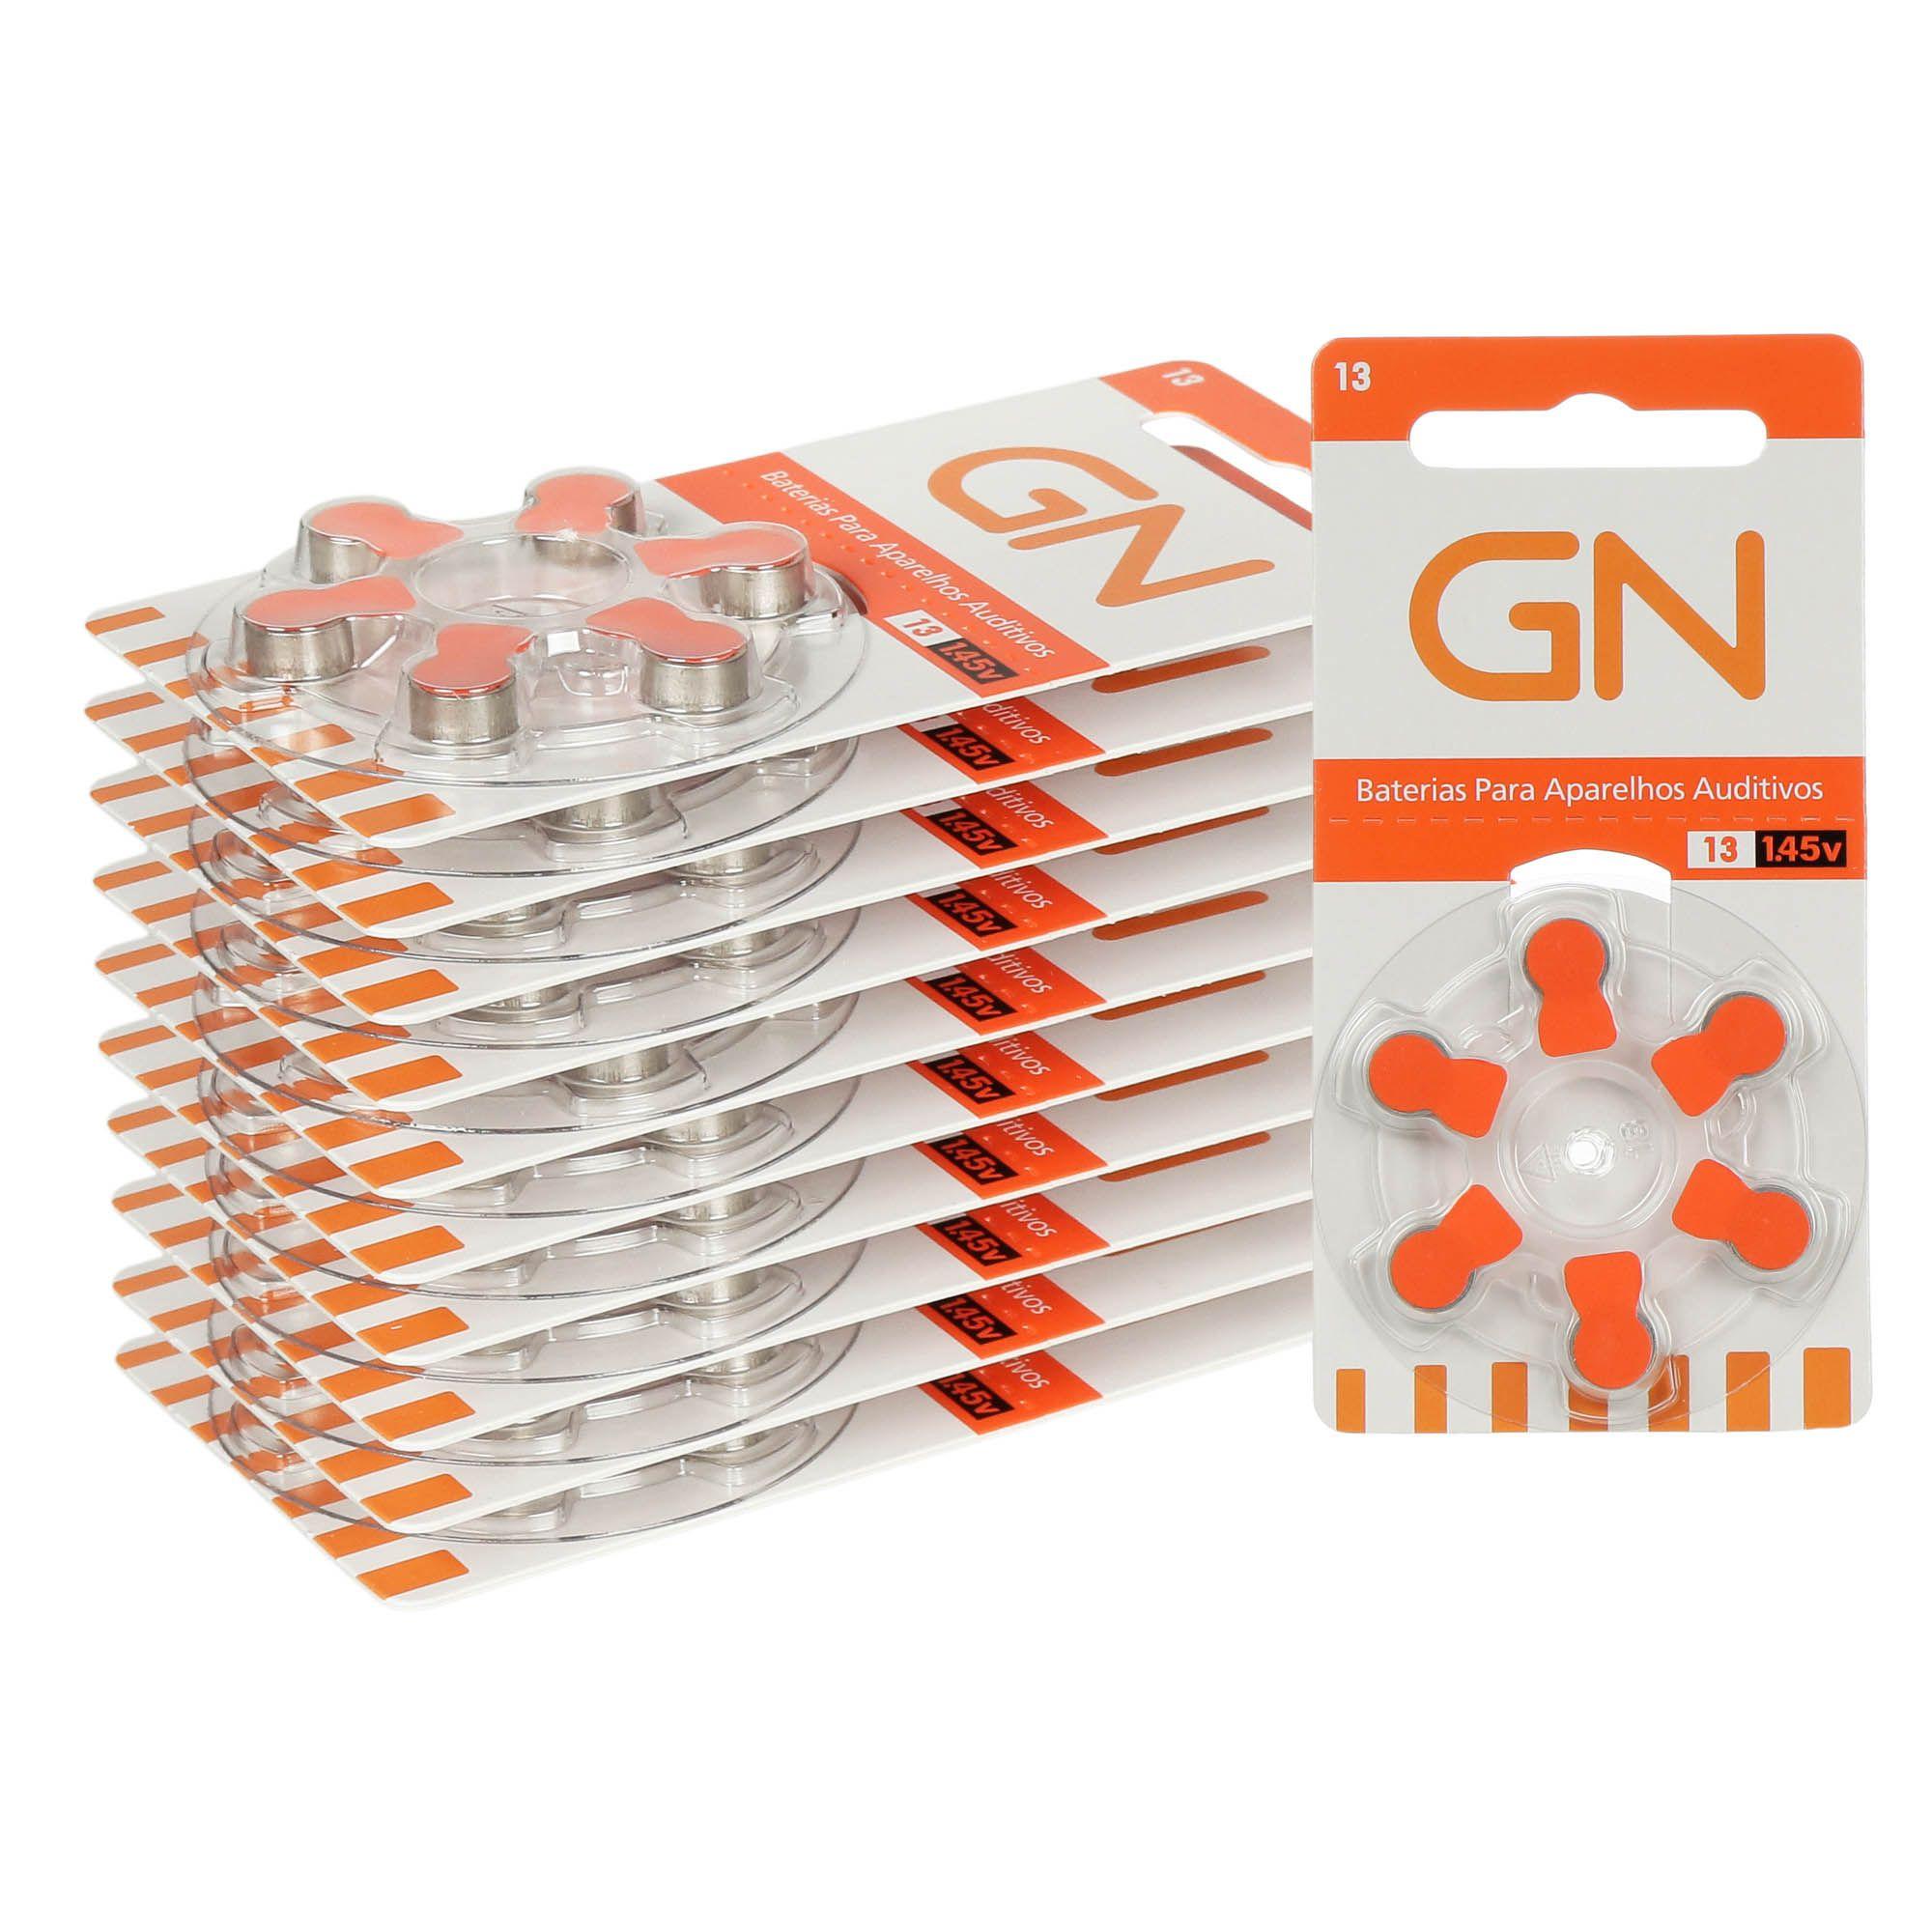 GN RESOUND 13 / PR48 - 10 Cartelas - 60 Baterias para Aparelho Auditivo  - SONORA